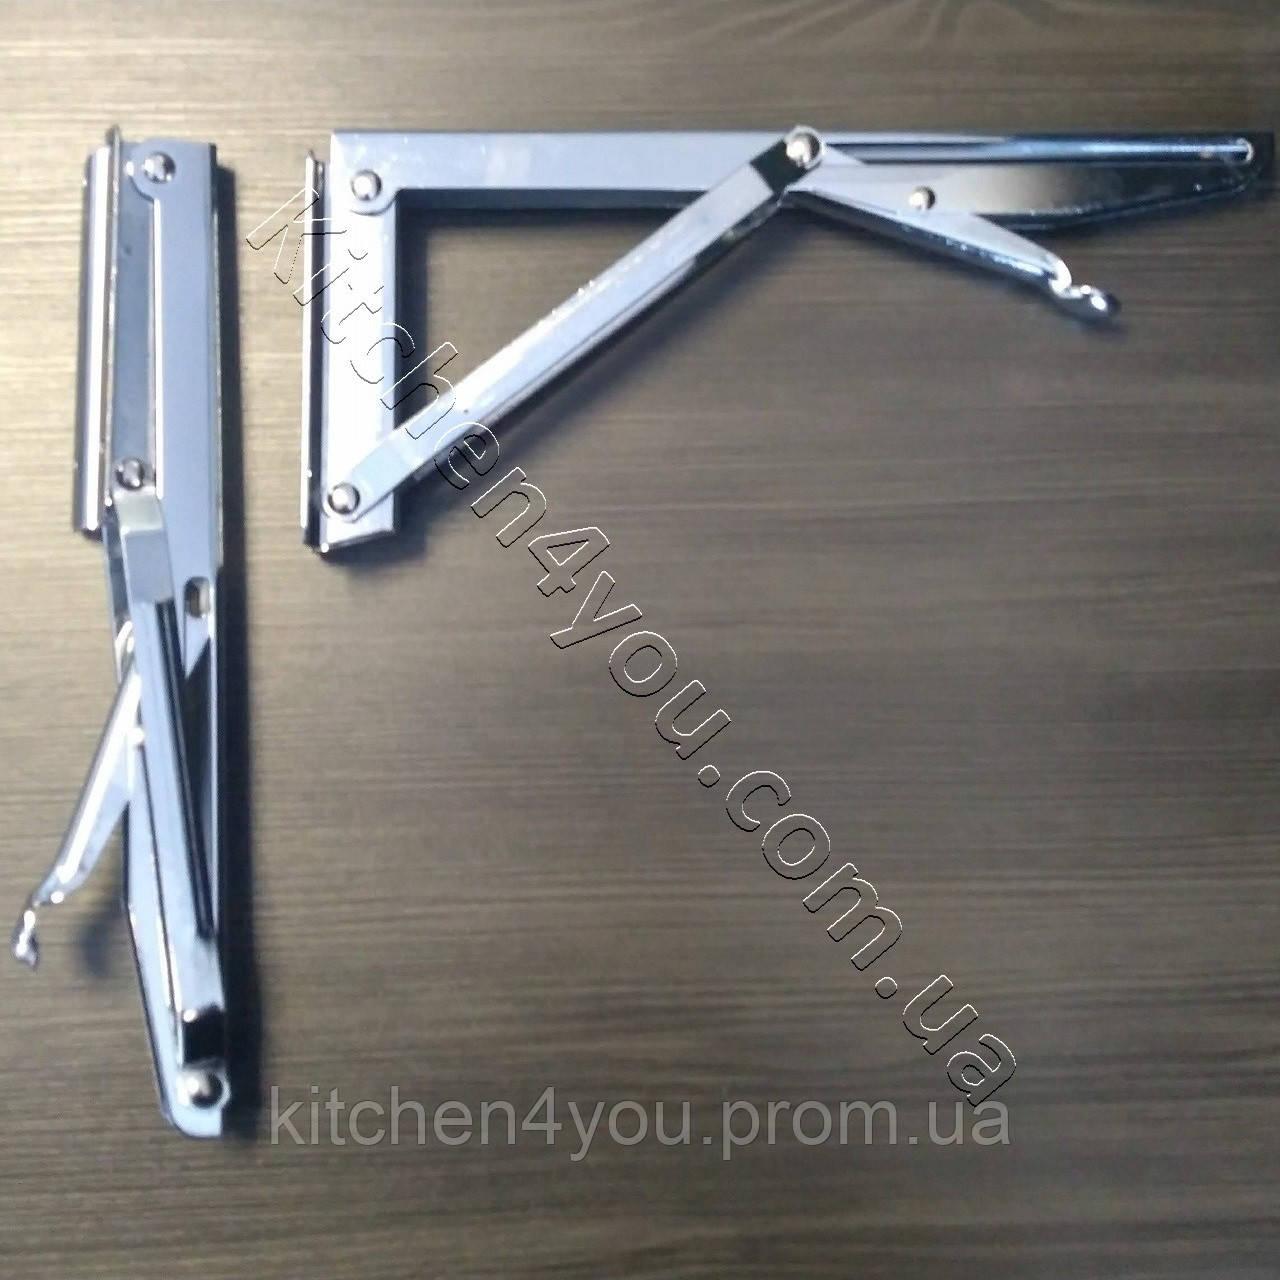 Консоль откидная DC 12350 хром 268 мм. для раскладного стола.